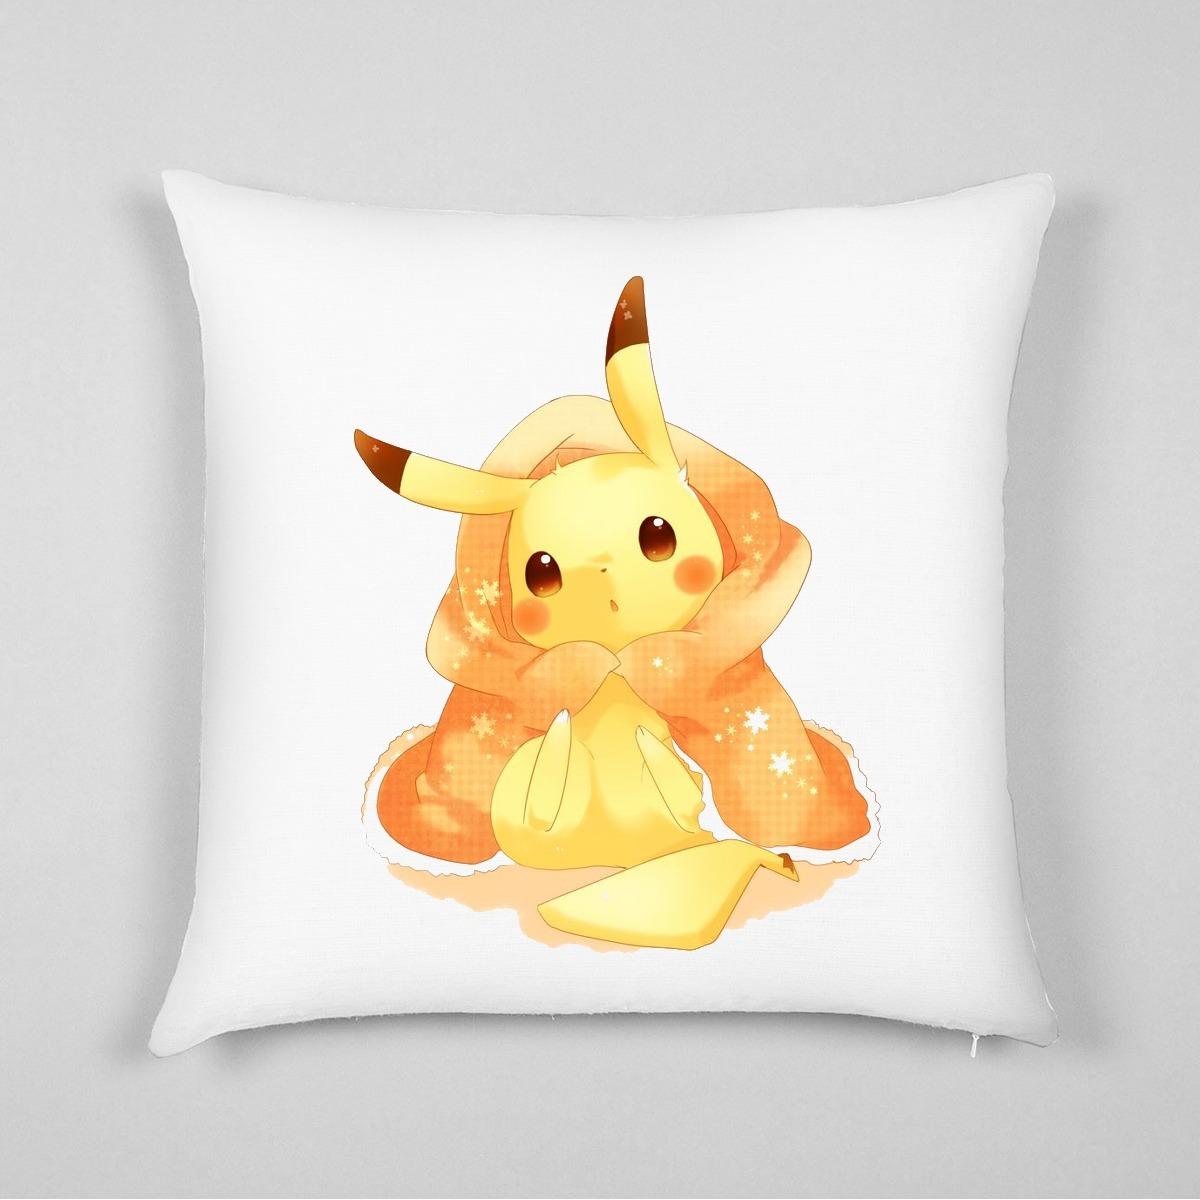 Cojines Decorativos Estampados Almohadas Pikachu Pokemon  # Muebles Pokemon Mercadolibre